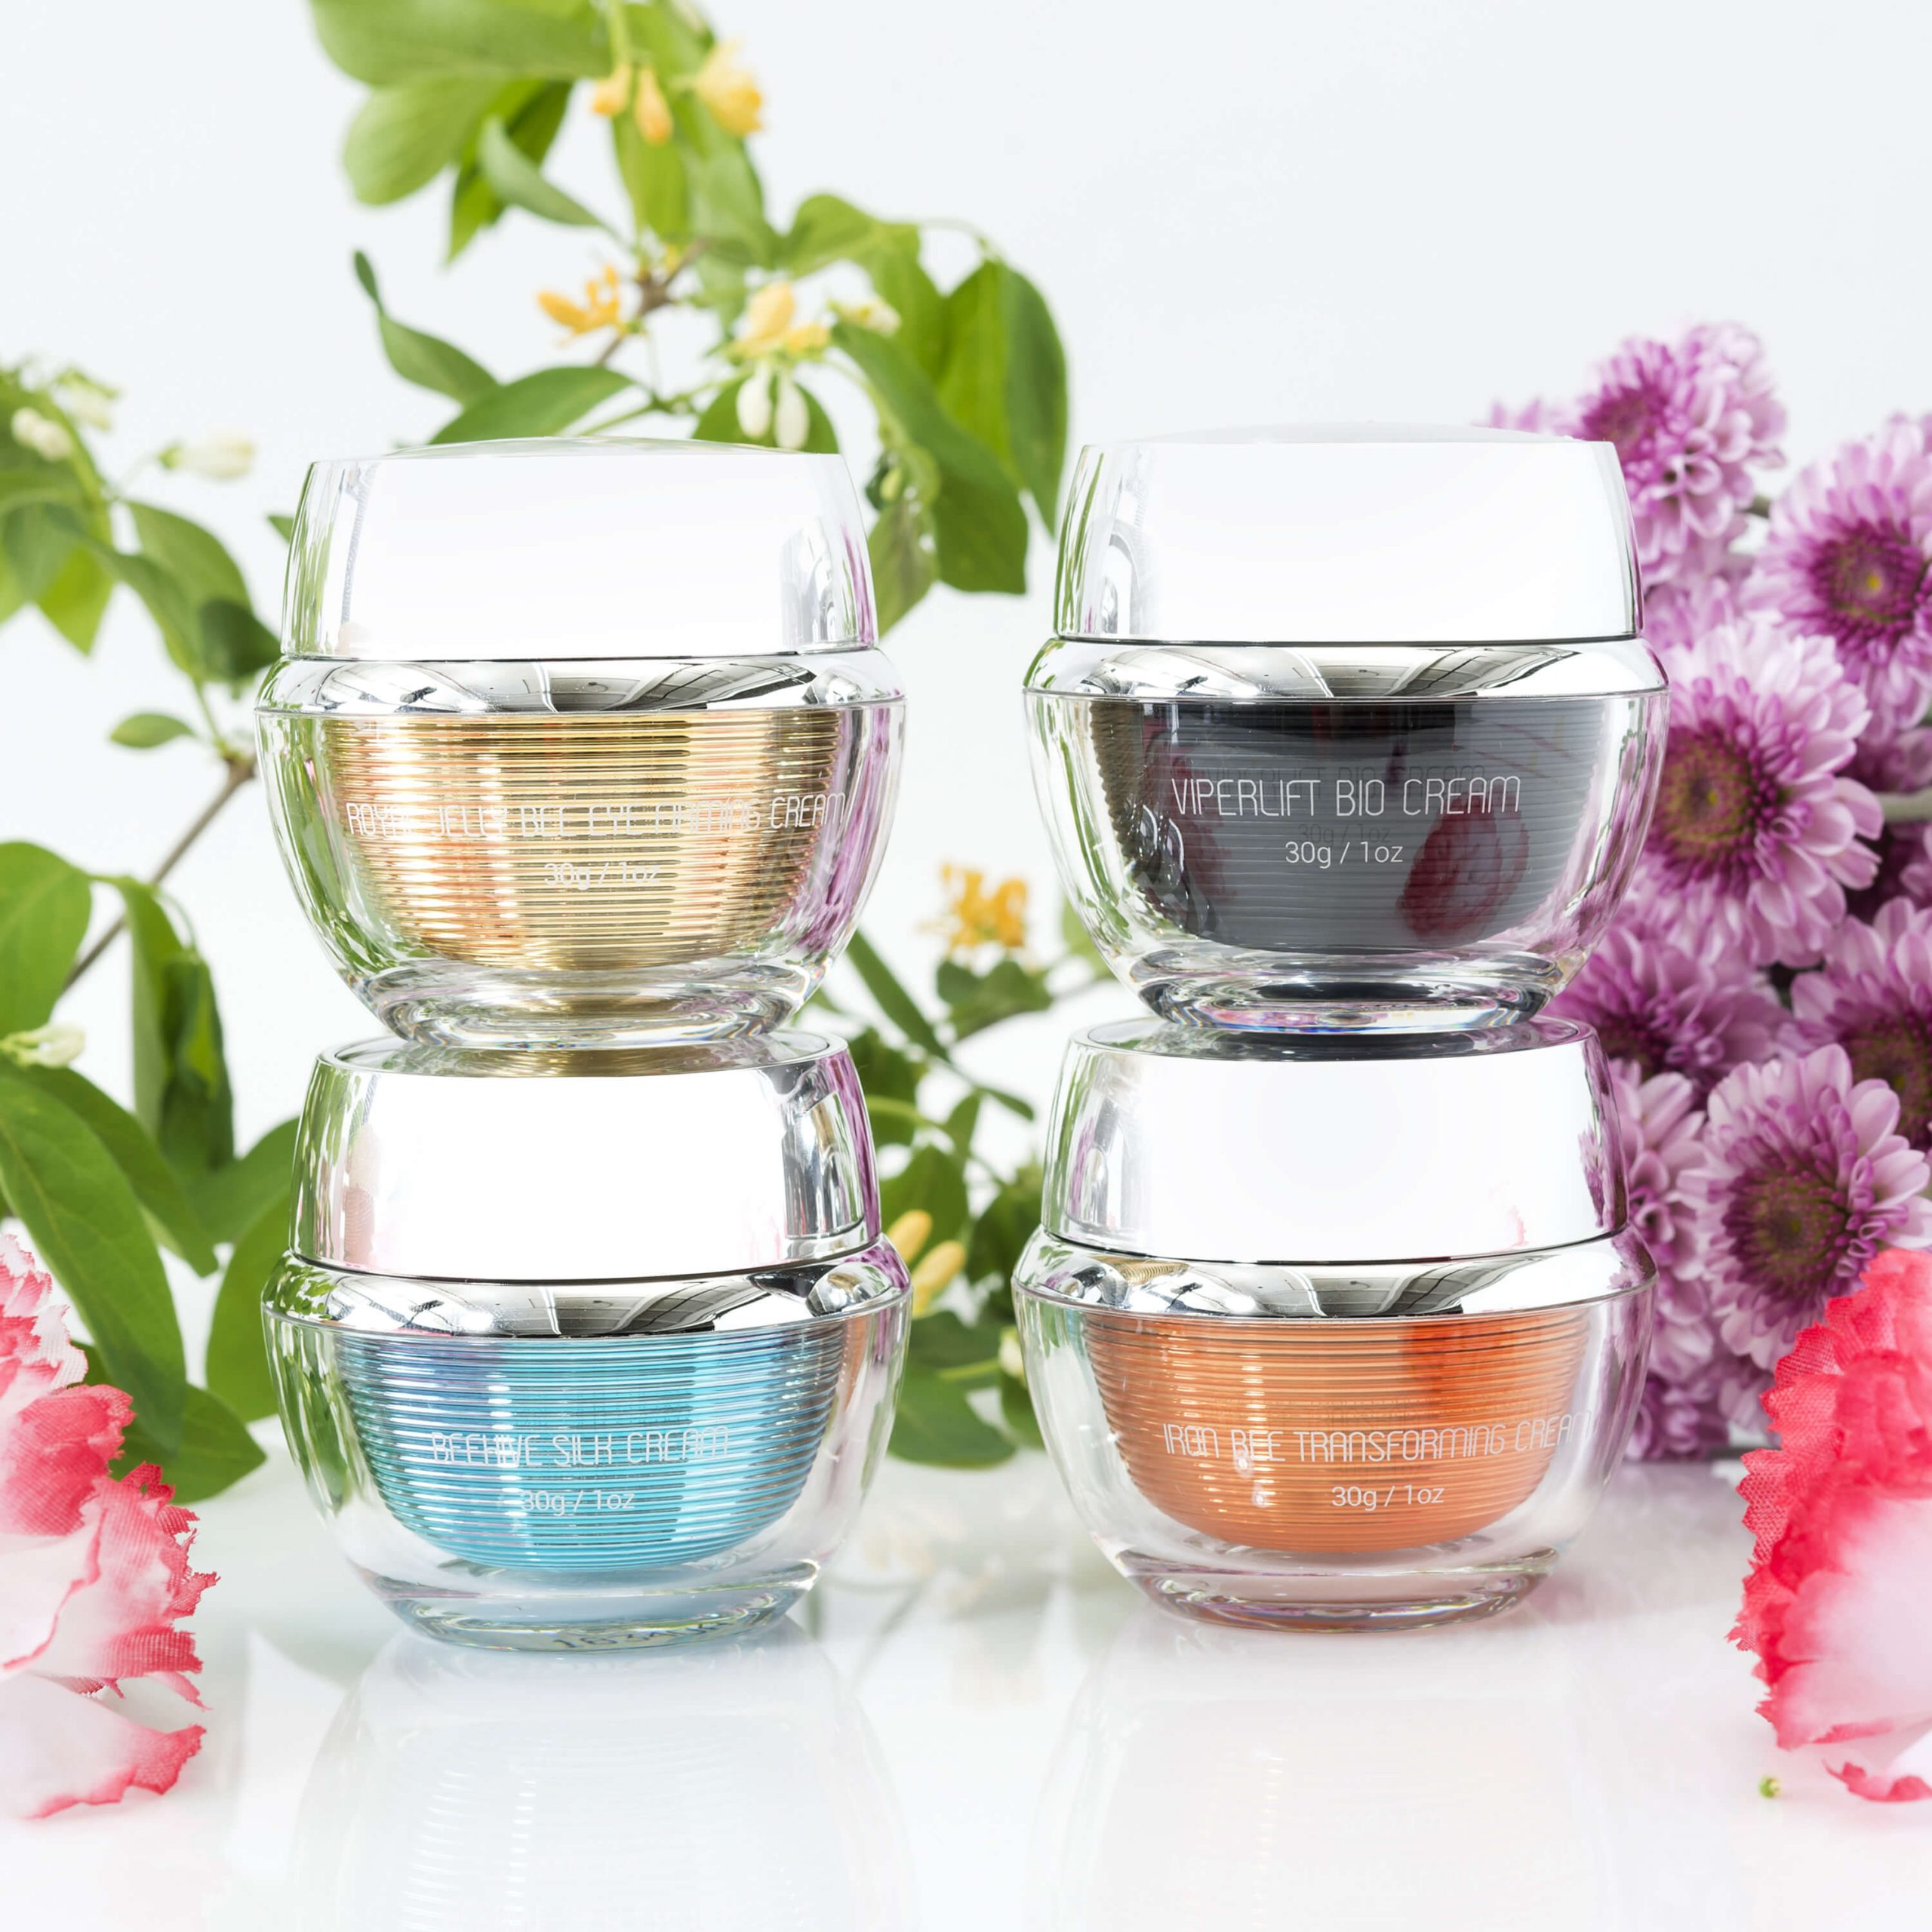 Bee venom skincare creams from Venofye